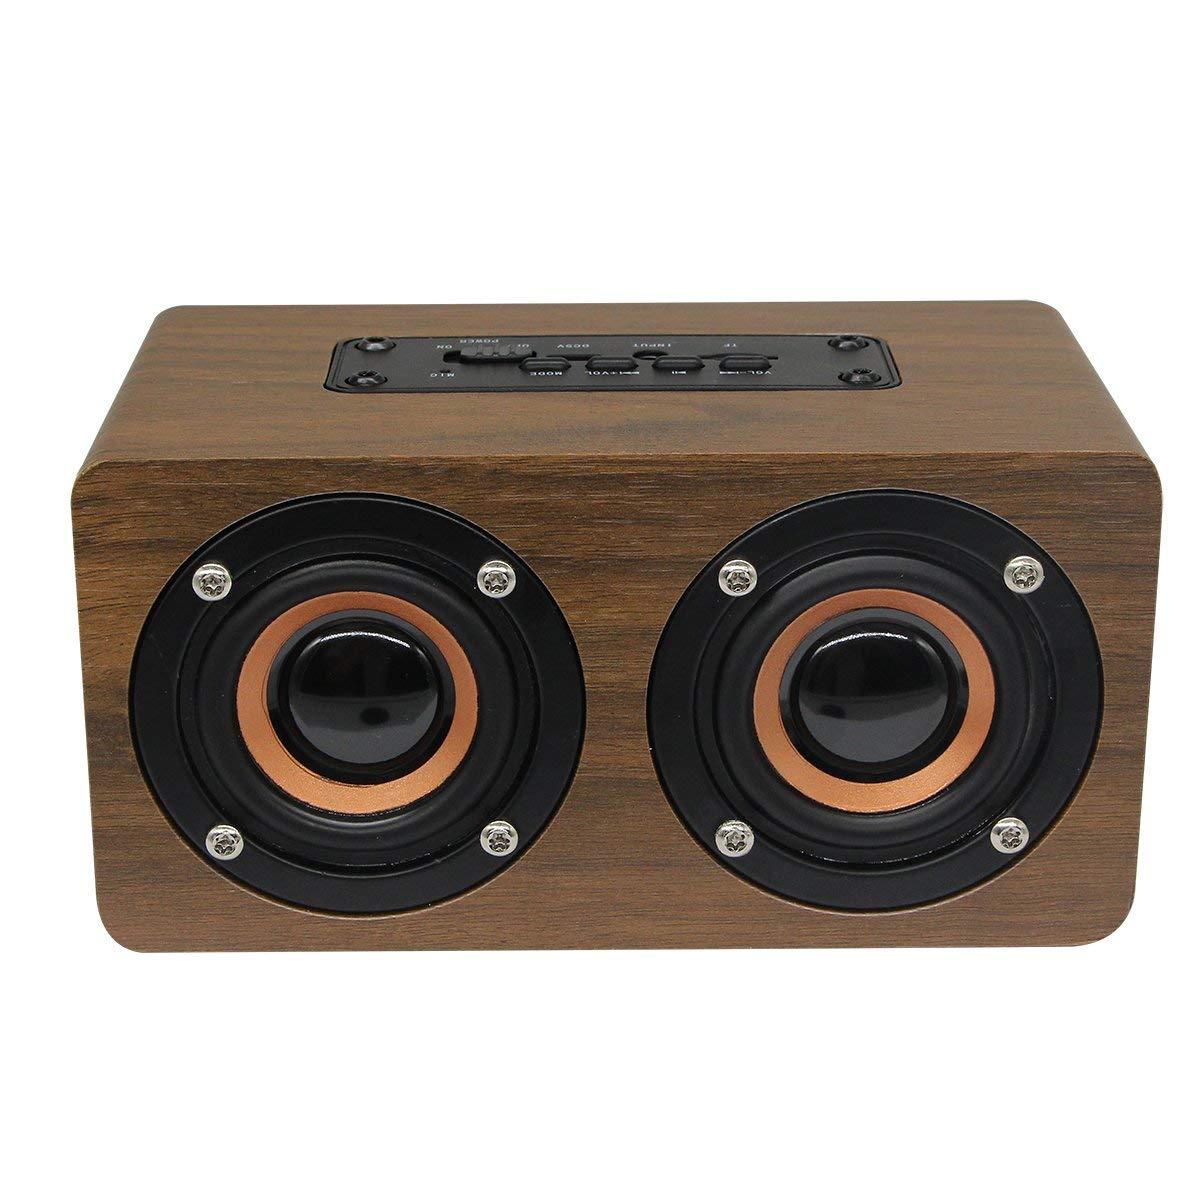 木製Bluetoothスピーカー V4.0ポータブルBluetoothスピーカー 音声プロンプ TFカード 通話機能 アウトドアパーティー ブラウン 木目   B07MFY94MZ